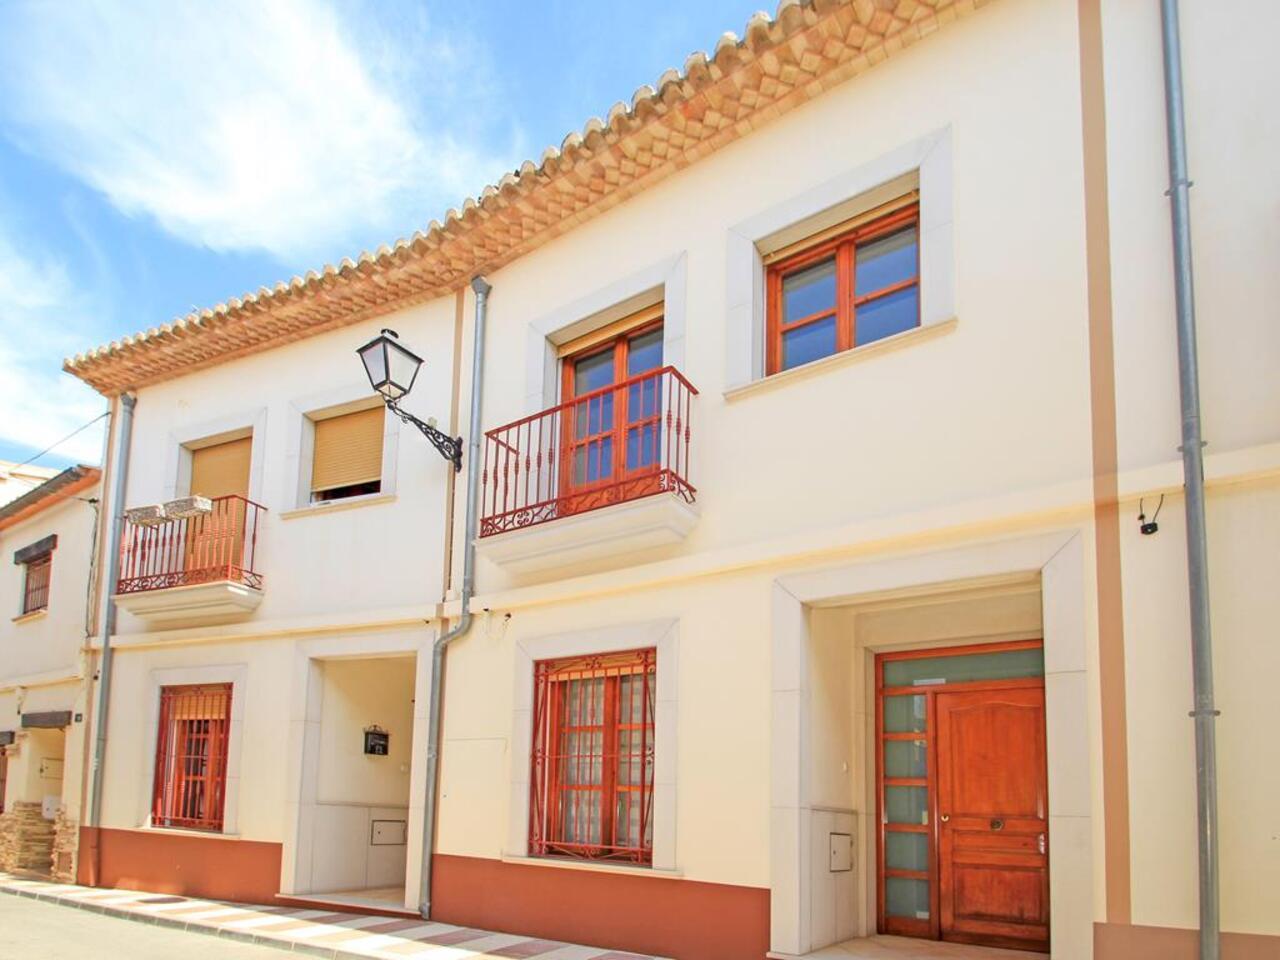 4 bedroom house / villa for sale in Senija, Costa Blanca